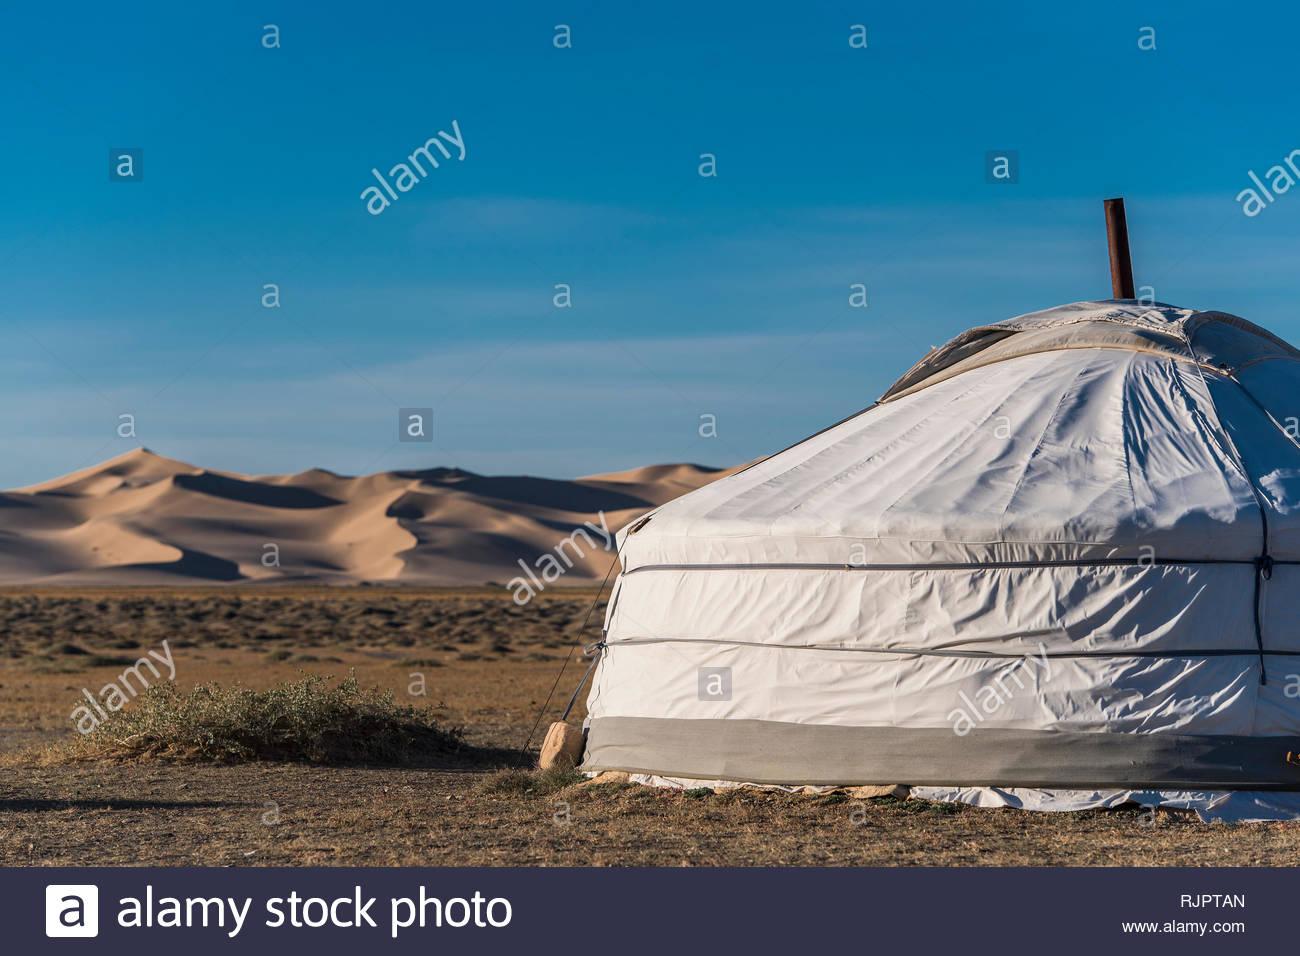 Ger oder jurtencamp, Wüste Gobi, Mongolei Stockbild